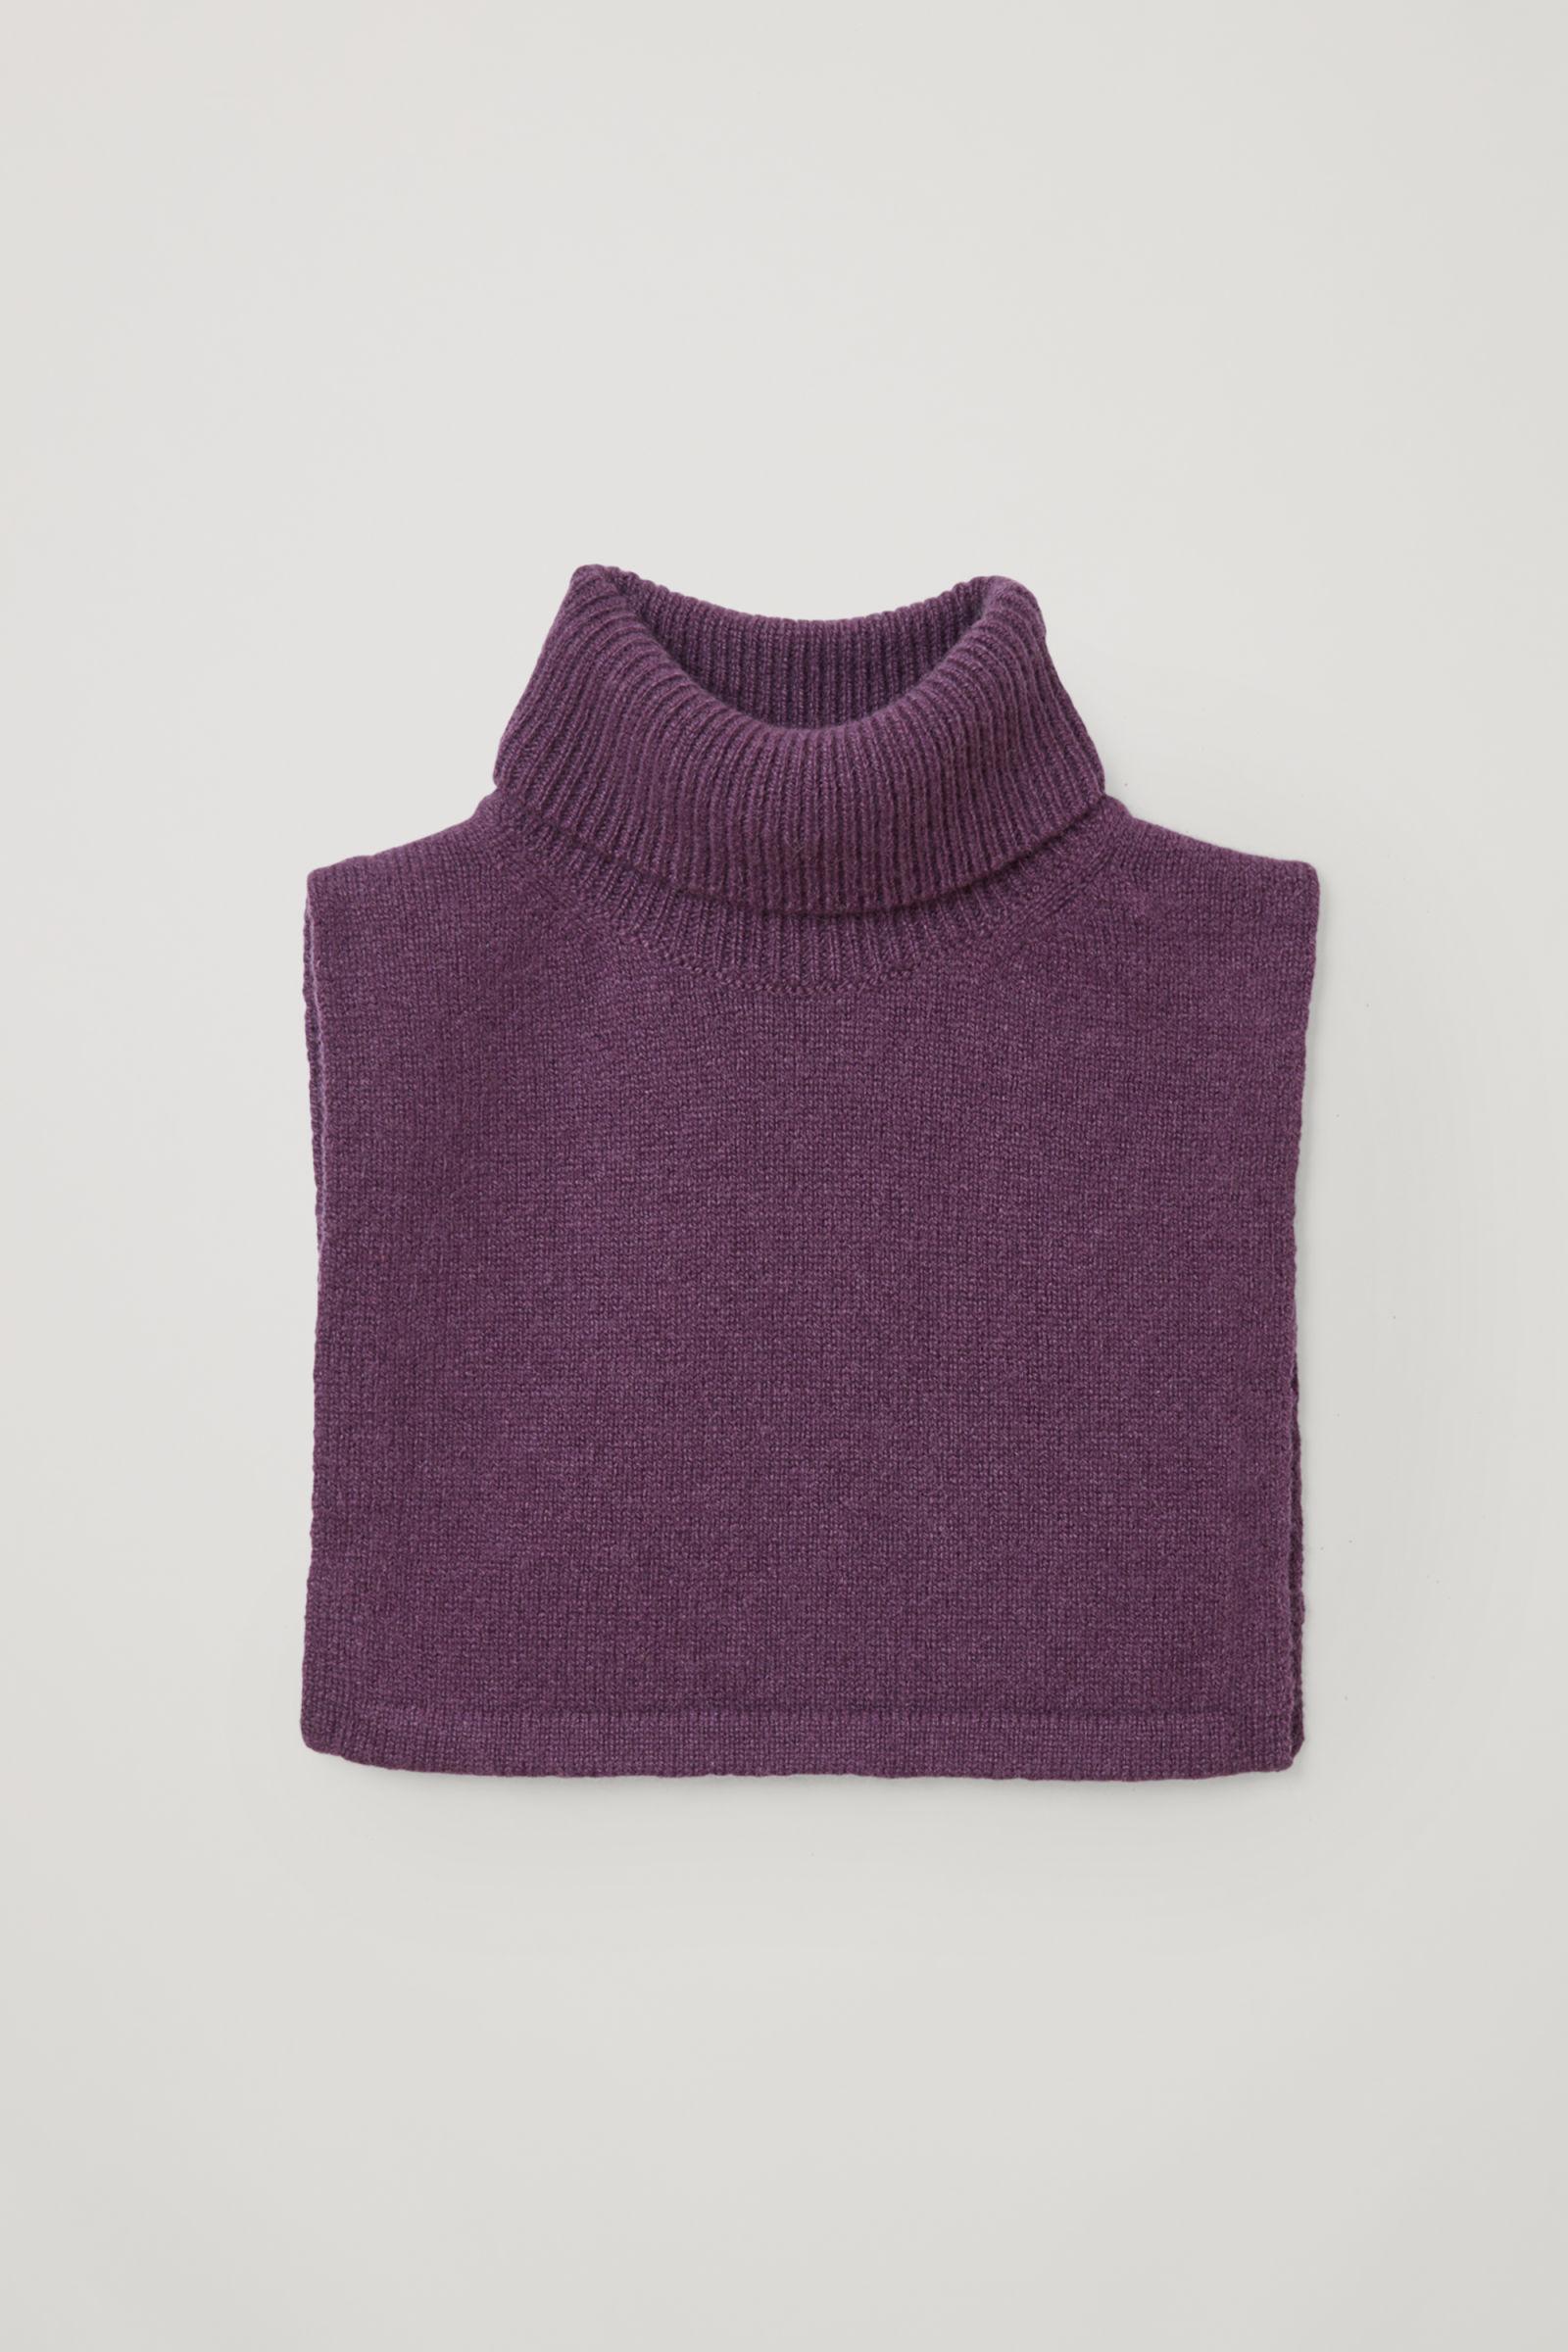 코스 키즈 캐시미어 롤넥 머플러 COS CASHMERE ROLL NECK SCARF,Purple